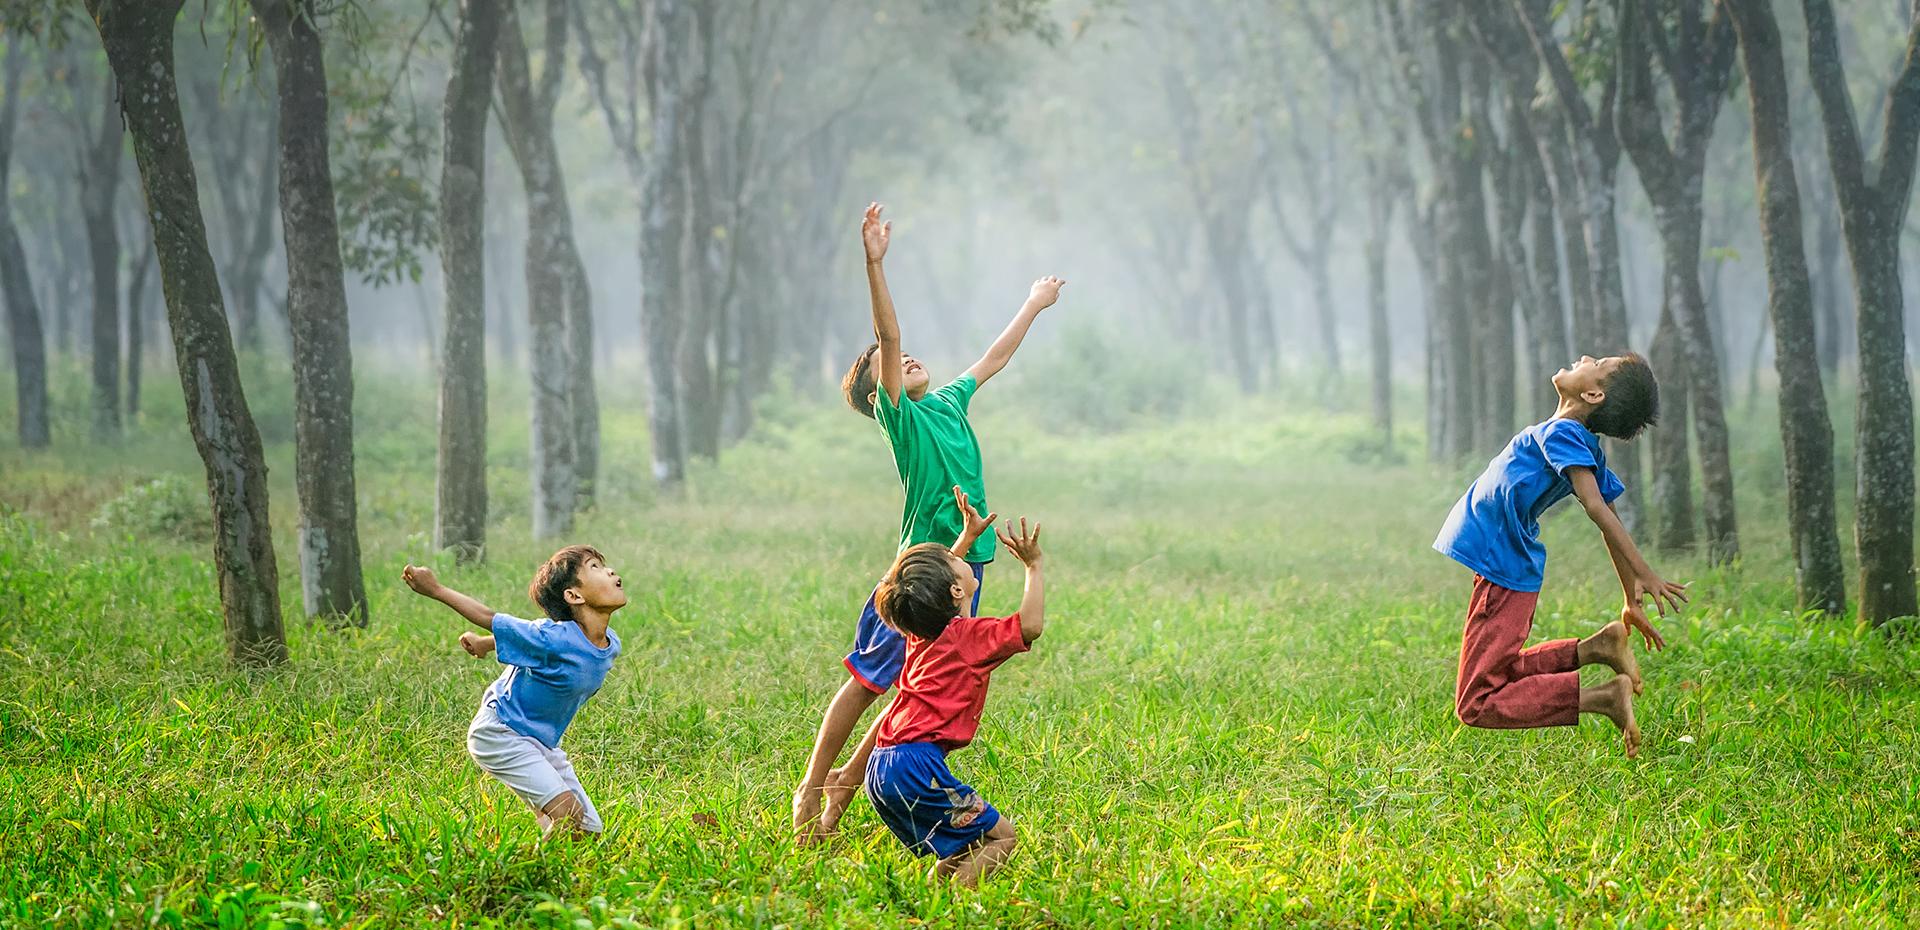 Des enfants jouent dans une forêt avec un ballon